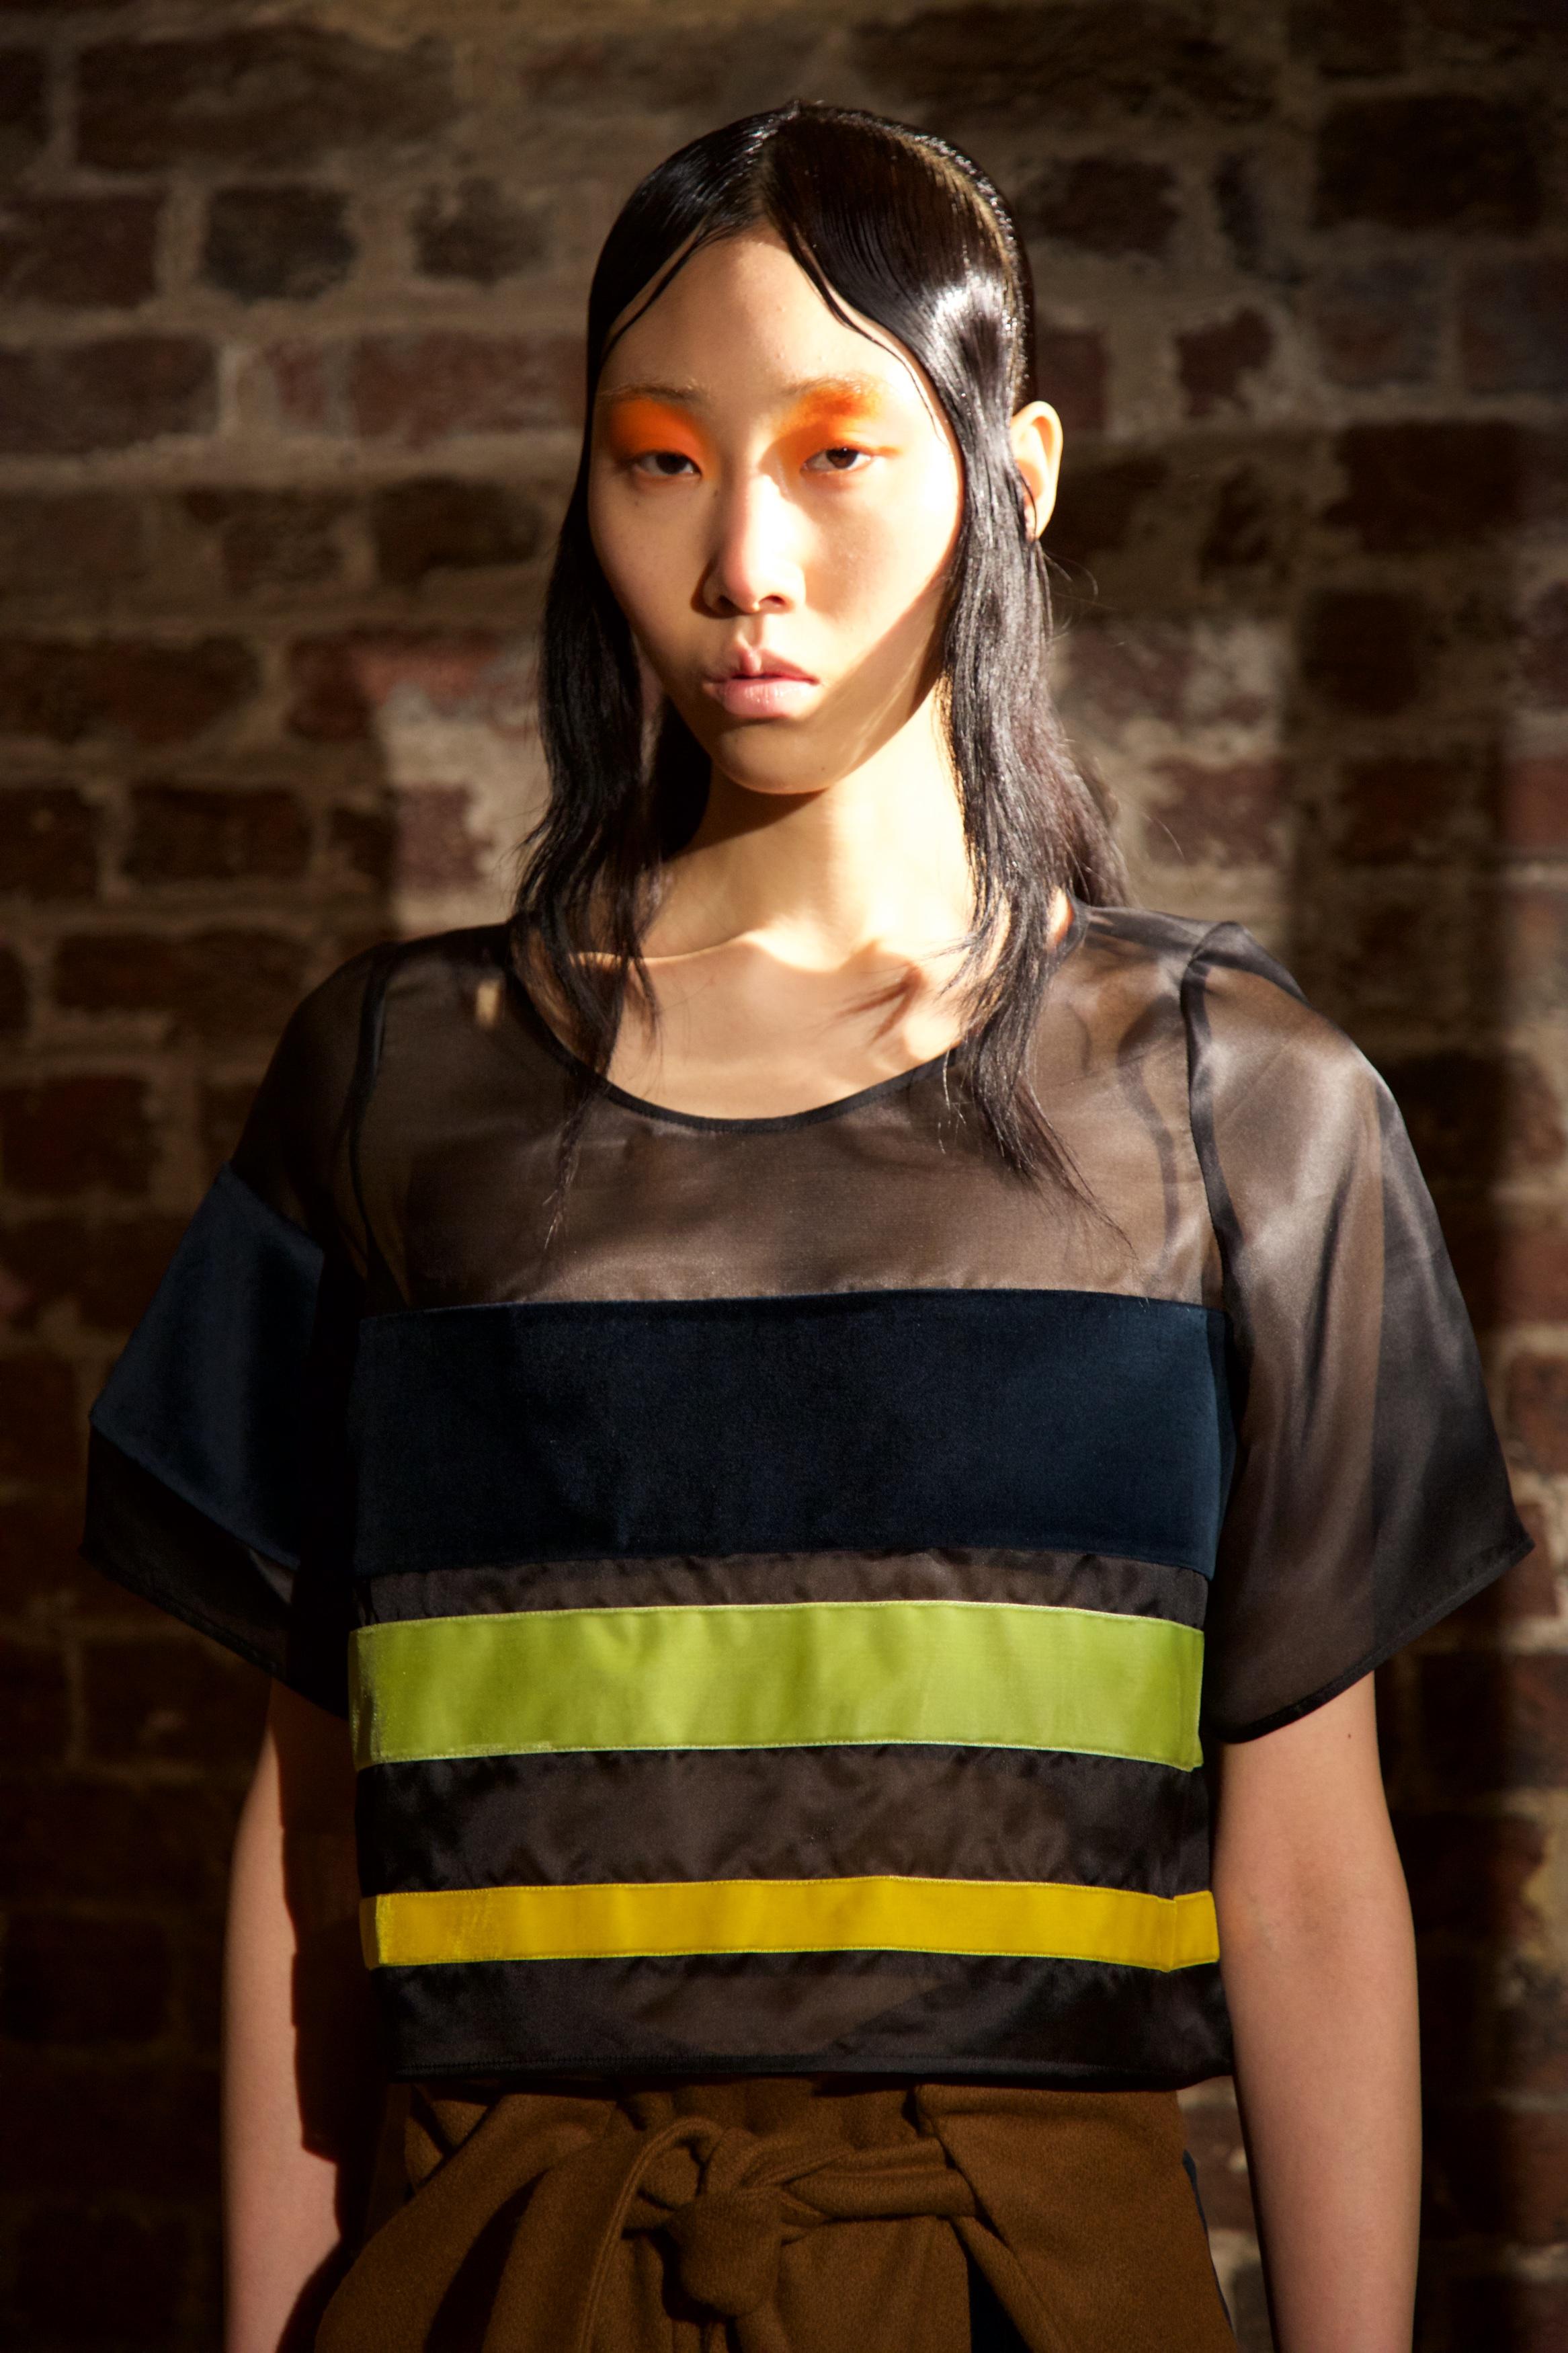 Judy Wu A-W 17 © Marc Aitken 2017 292017-02-172017.jpg